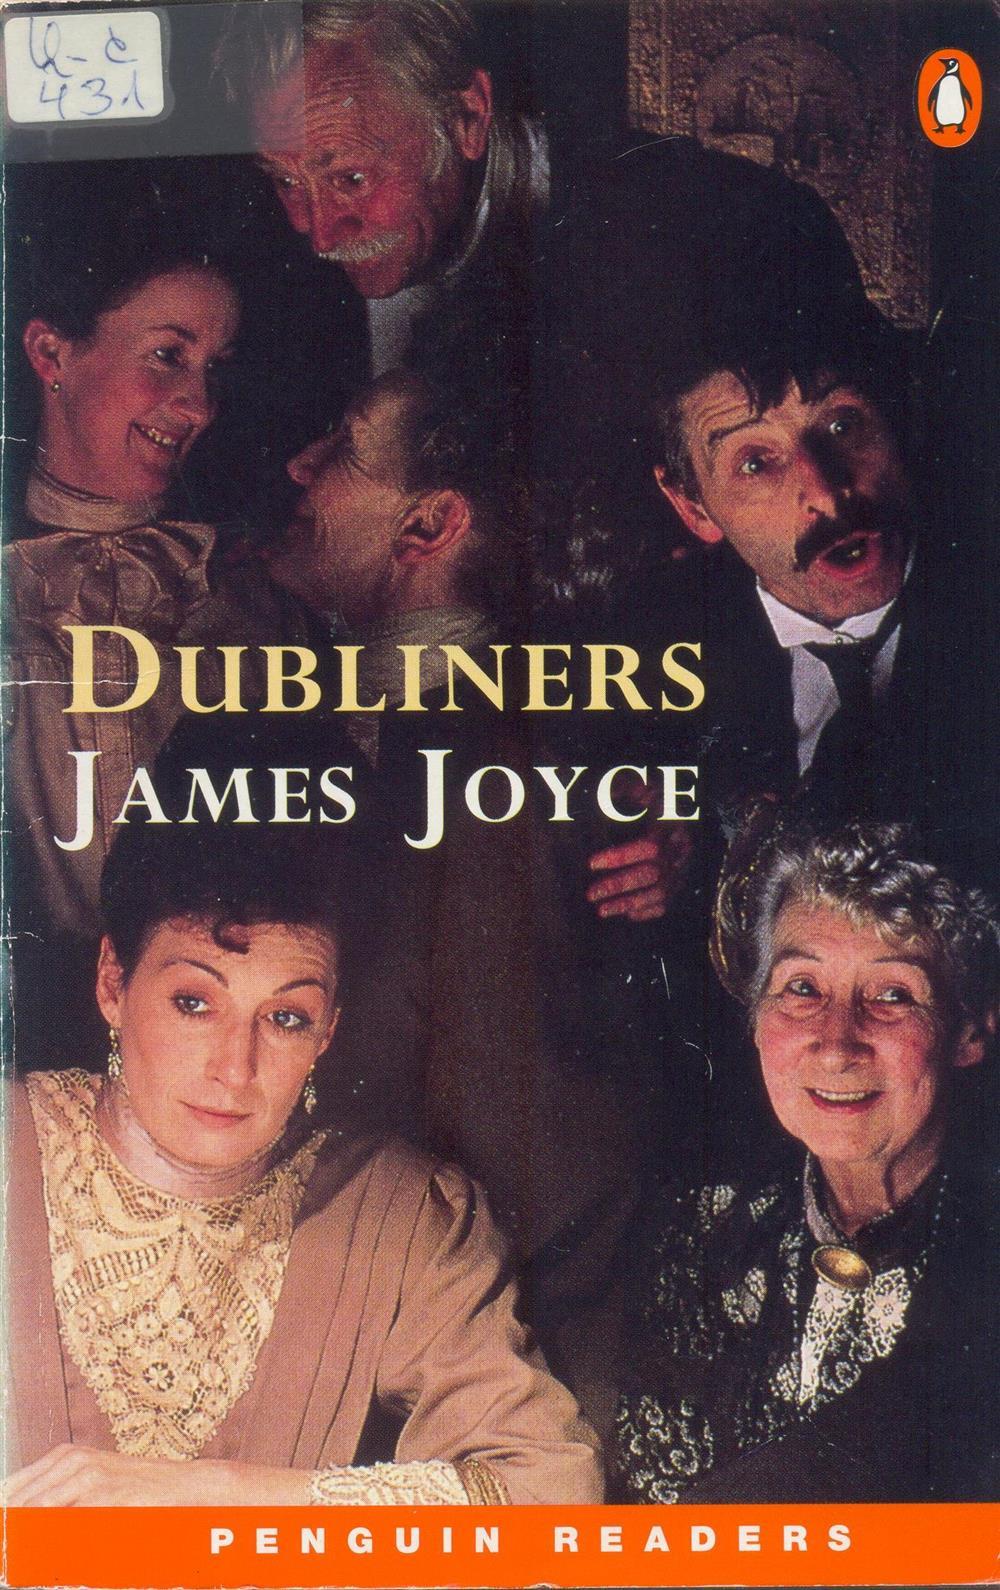 Dubliners 001.jpg